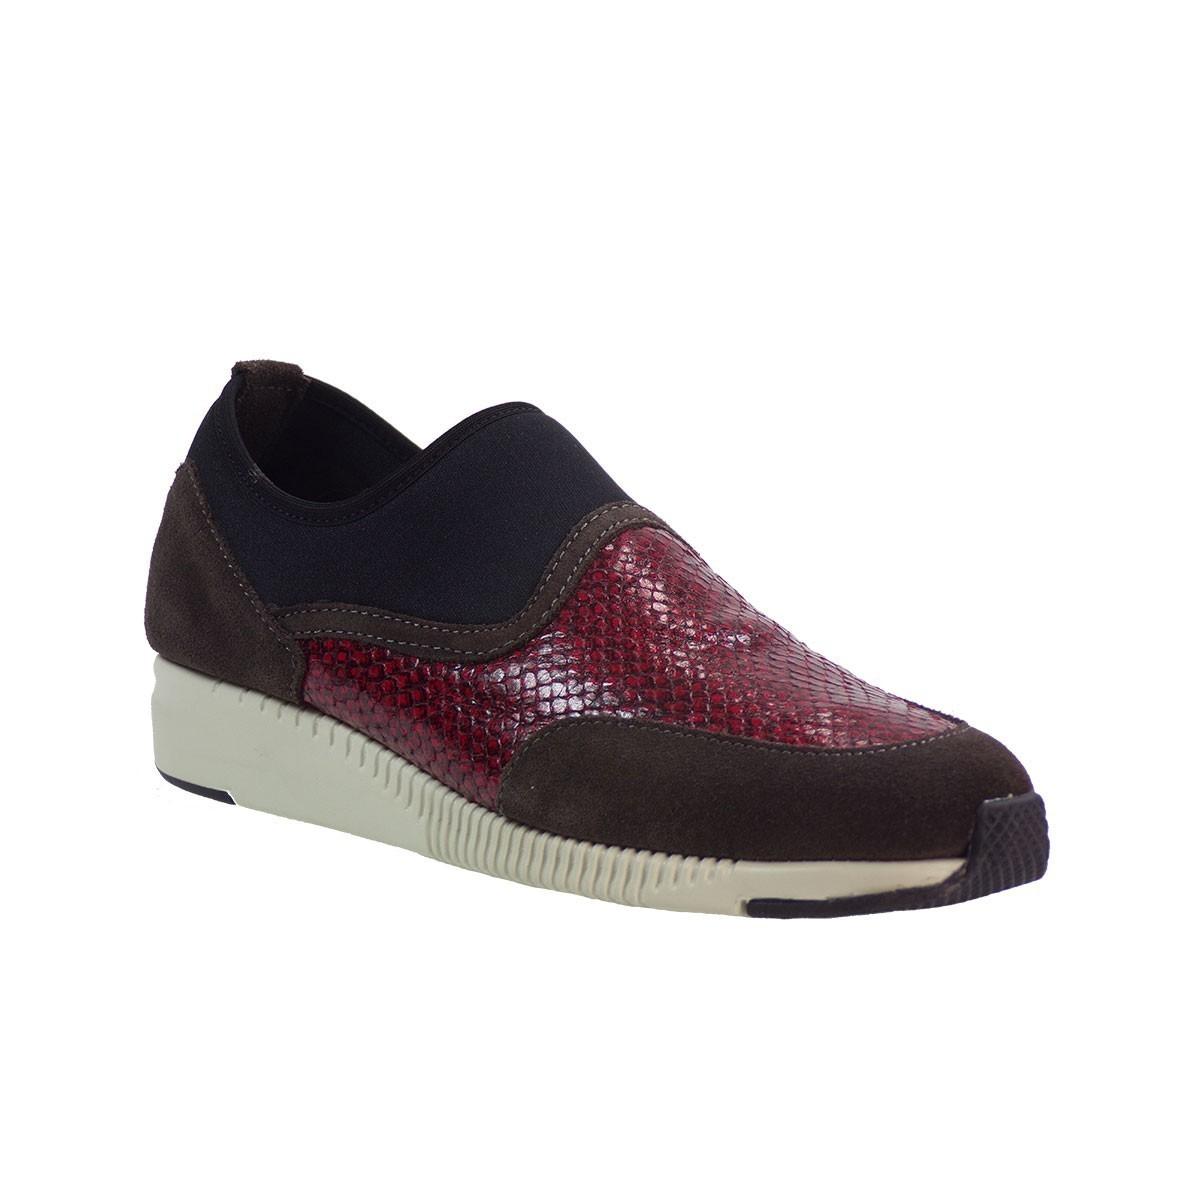 Aerosoles Shoes Γυναικεία Παπούτσια NICE CURVES 868270735 Mπορντώ Δέρμα